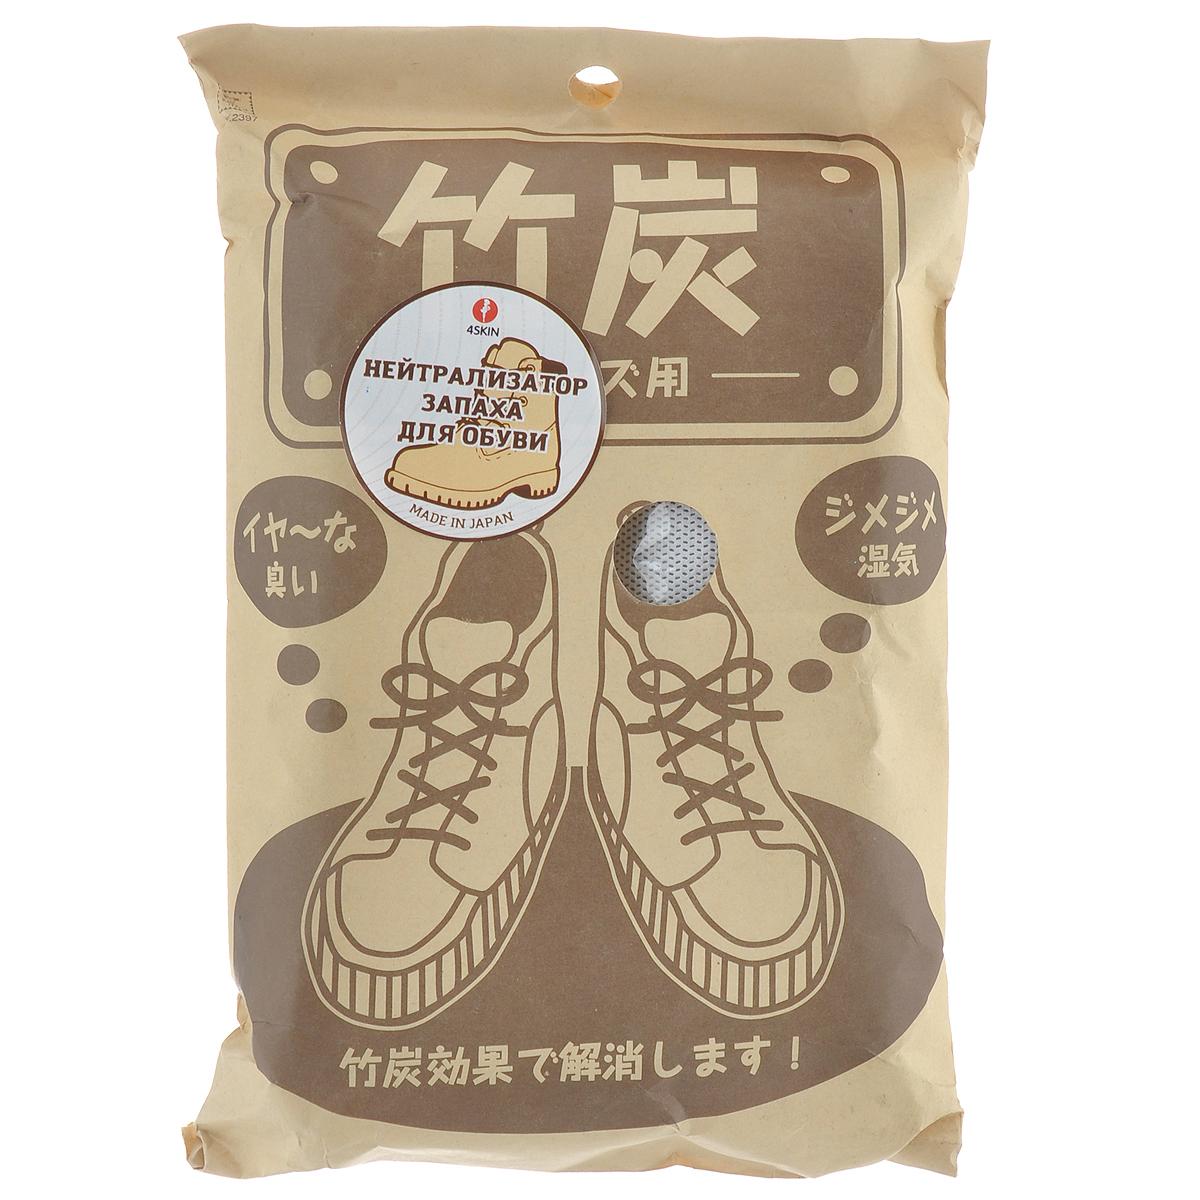 Нейтрализатор запаха для обуви KOKUBO